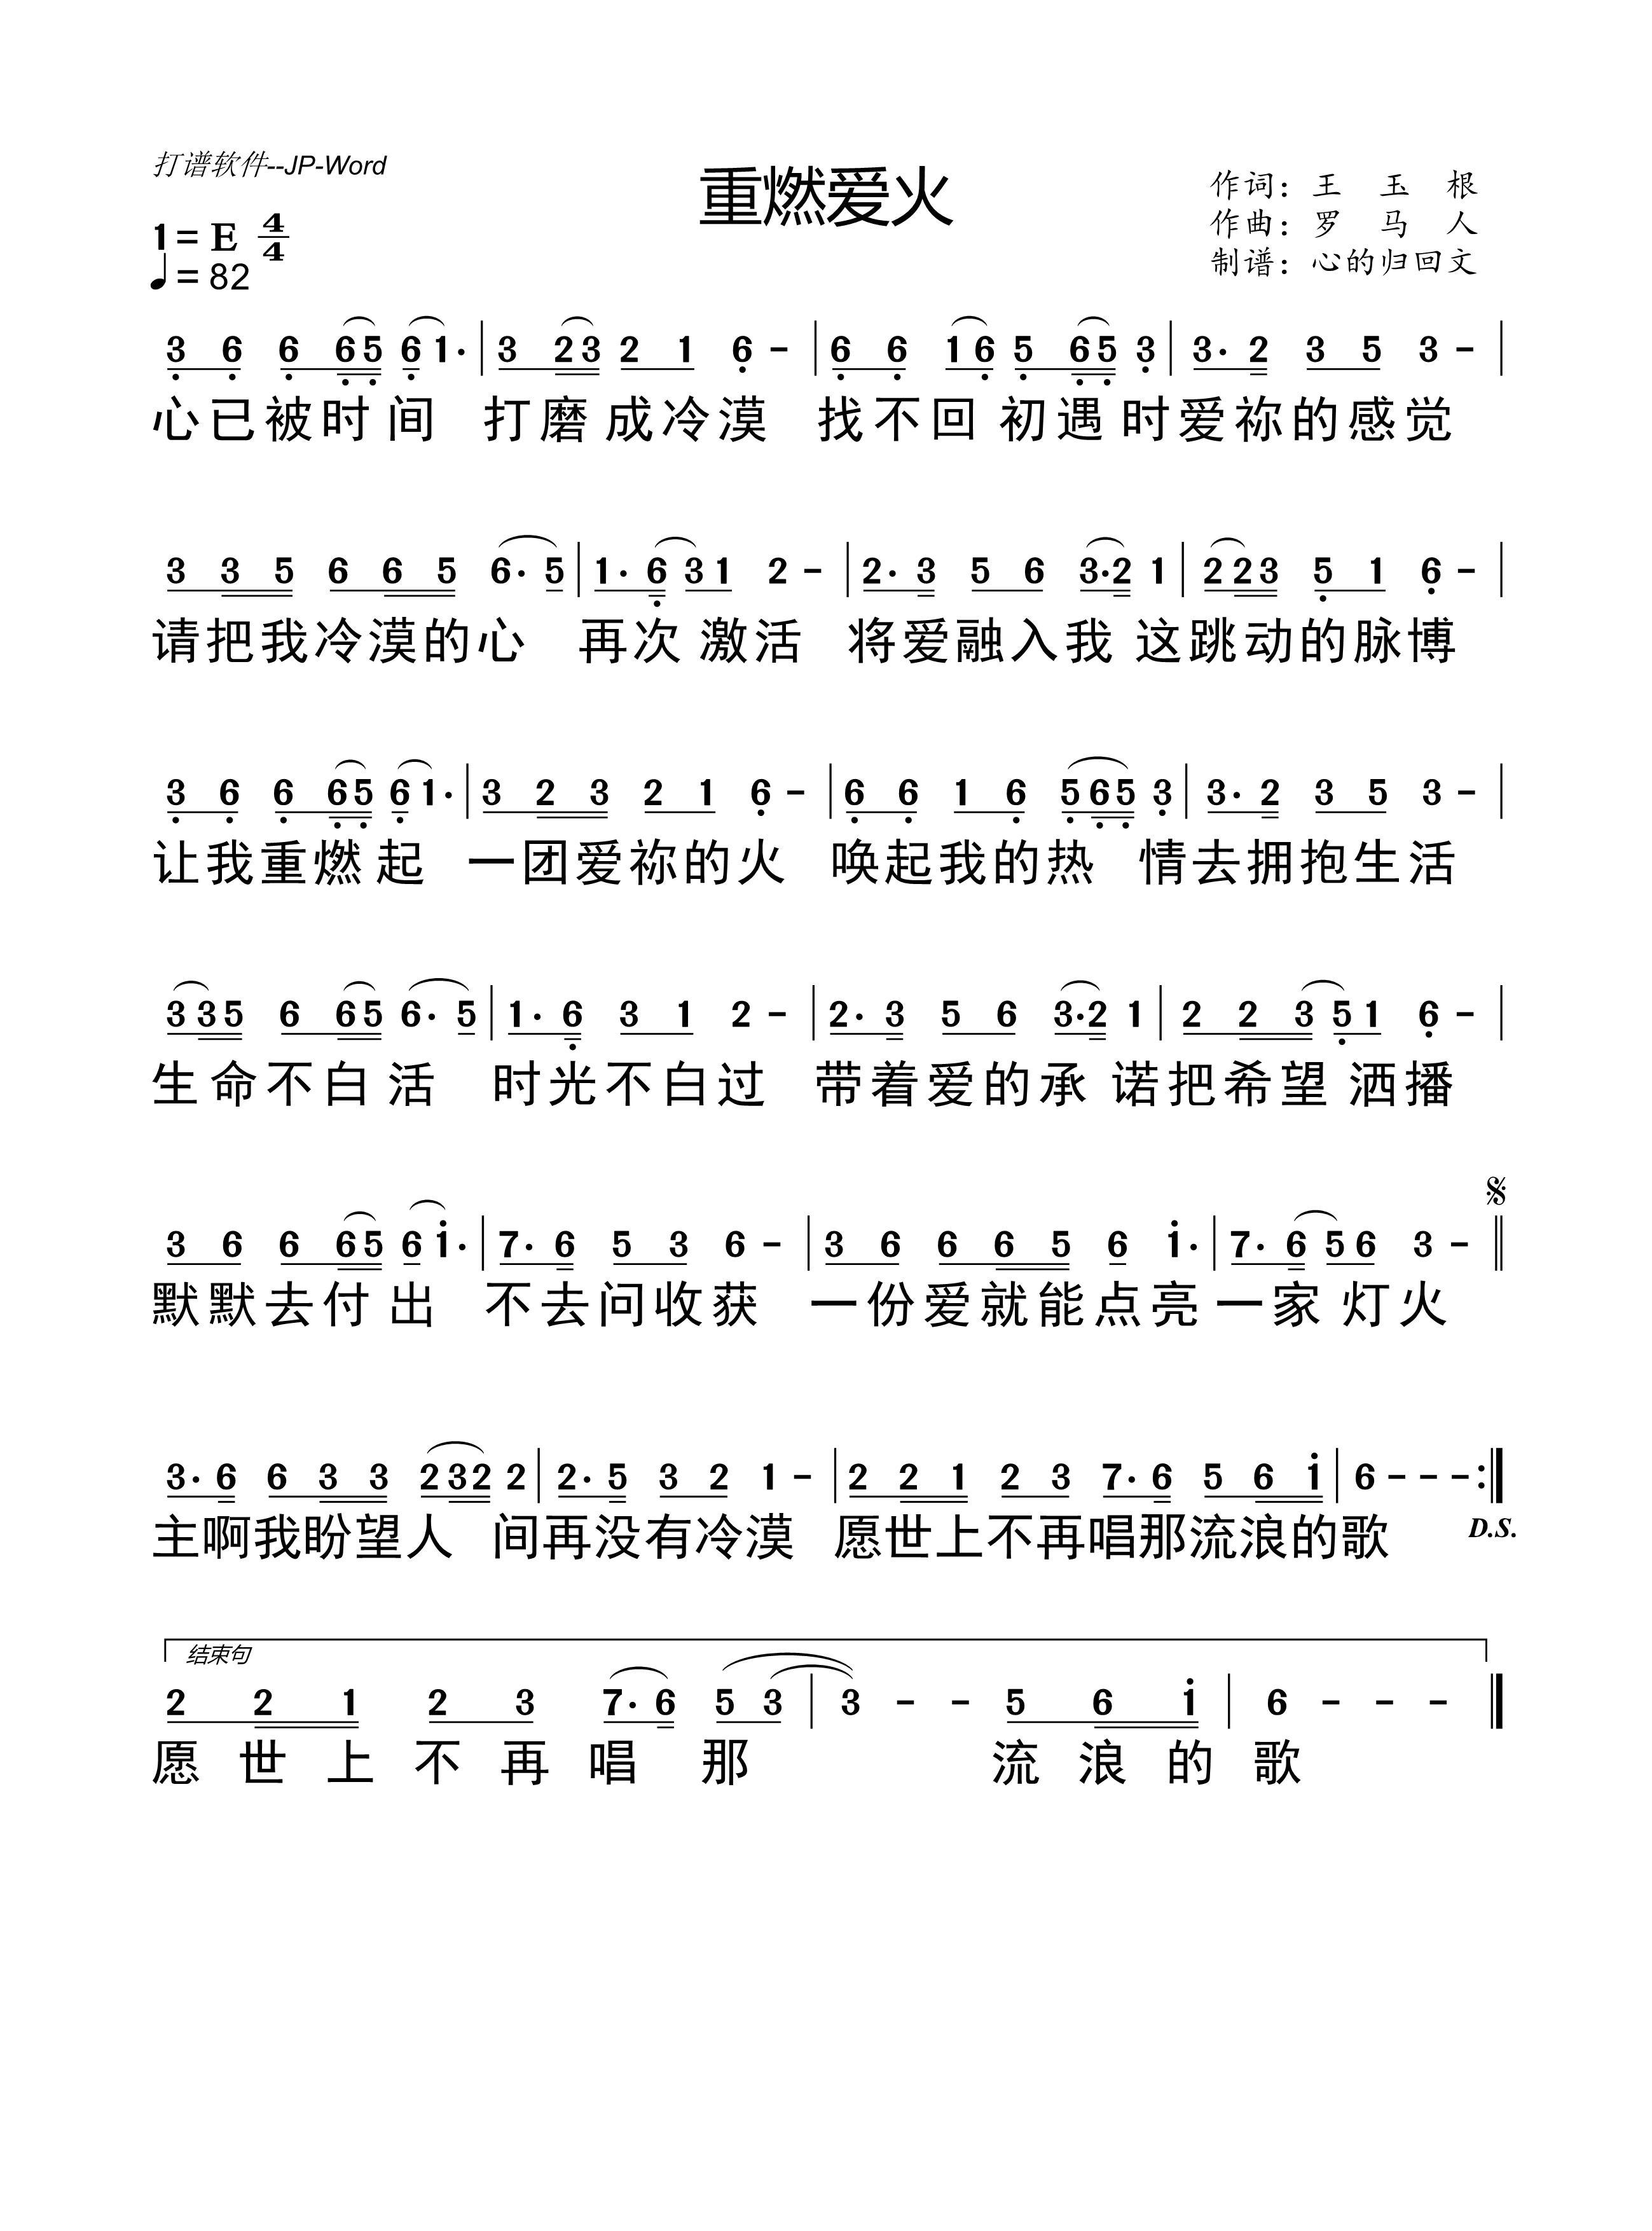 《重燃爱火 官方简谱》